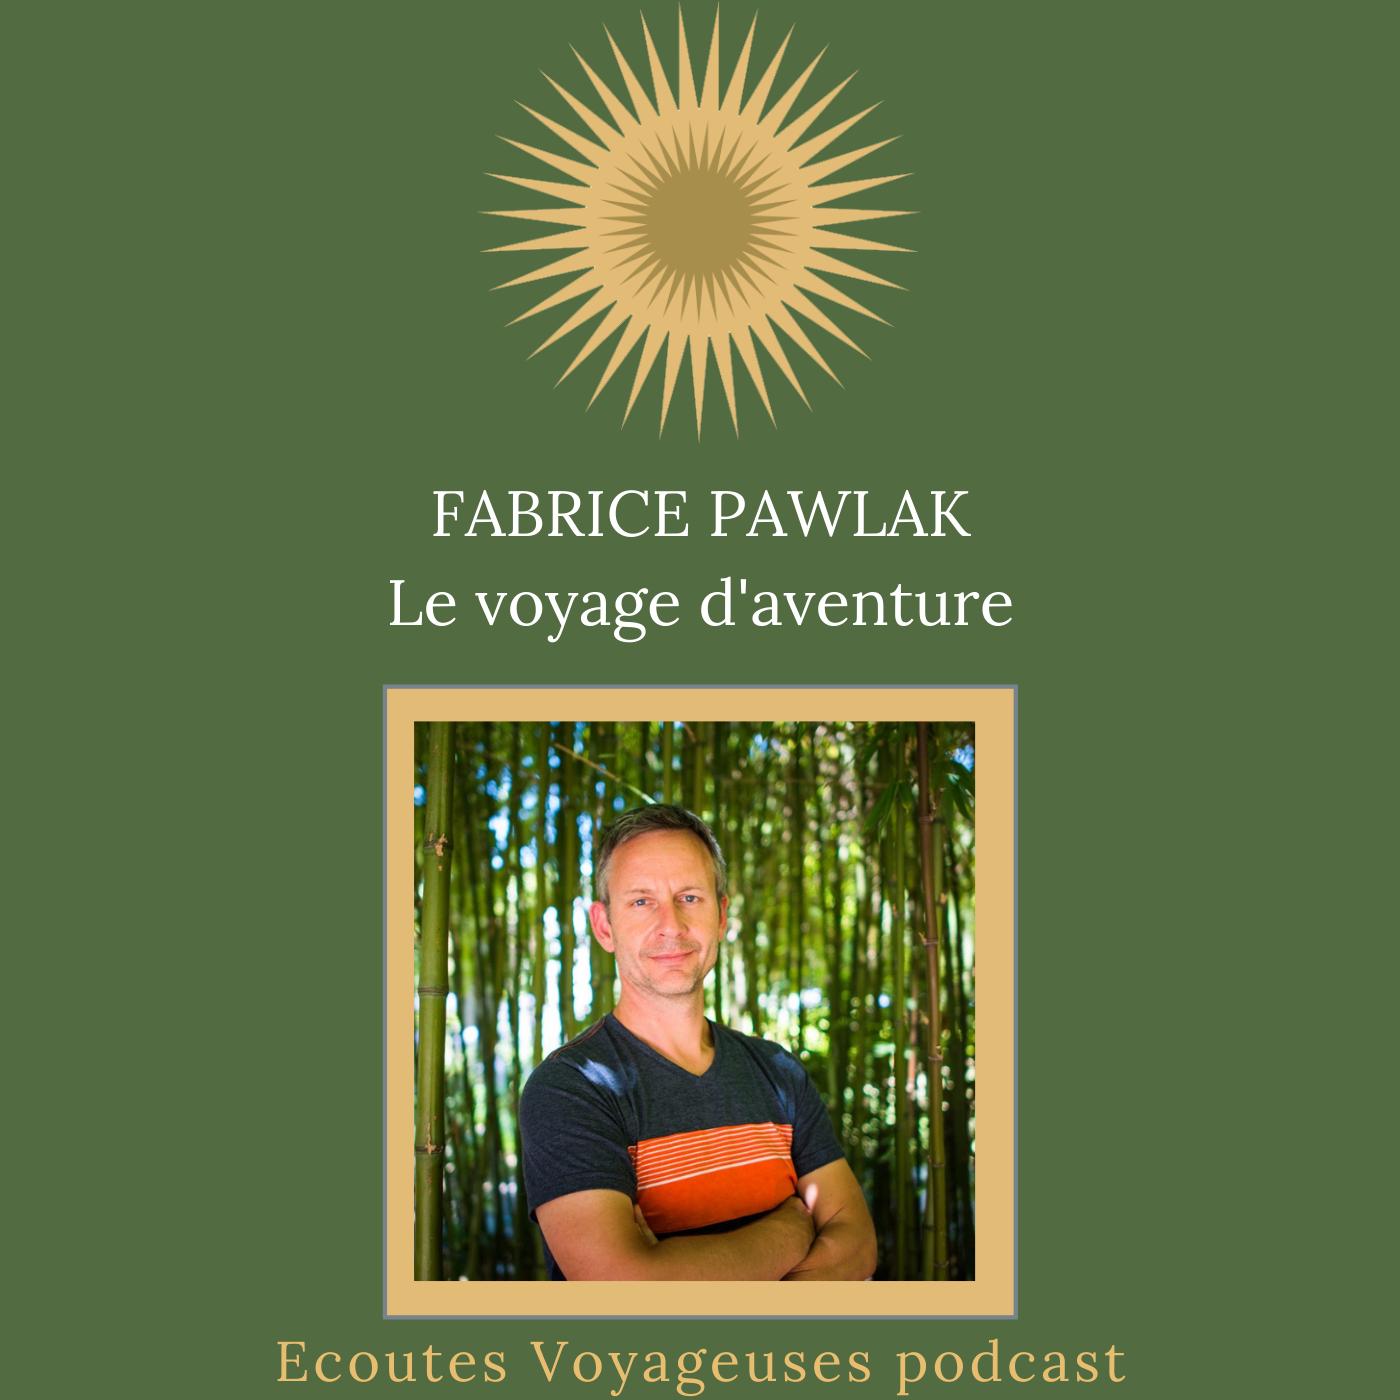 Fabrice Pawlak, le voyage d'aventure-partie 1